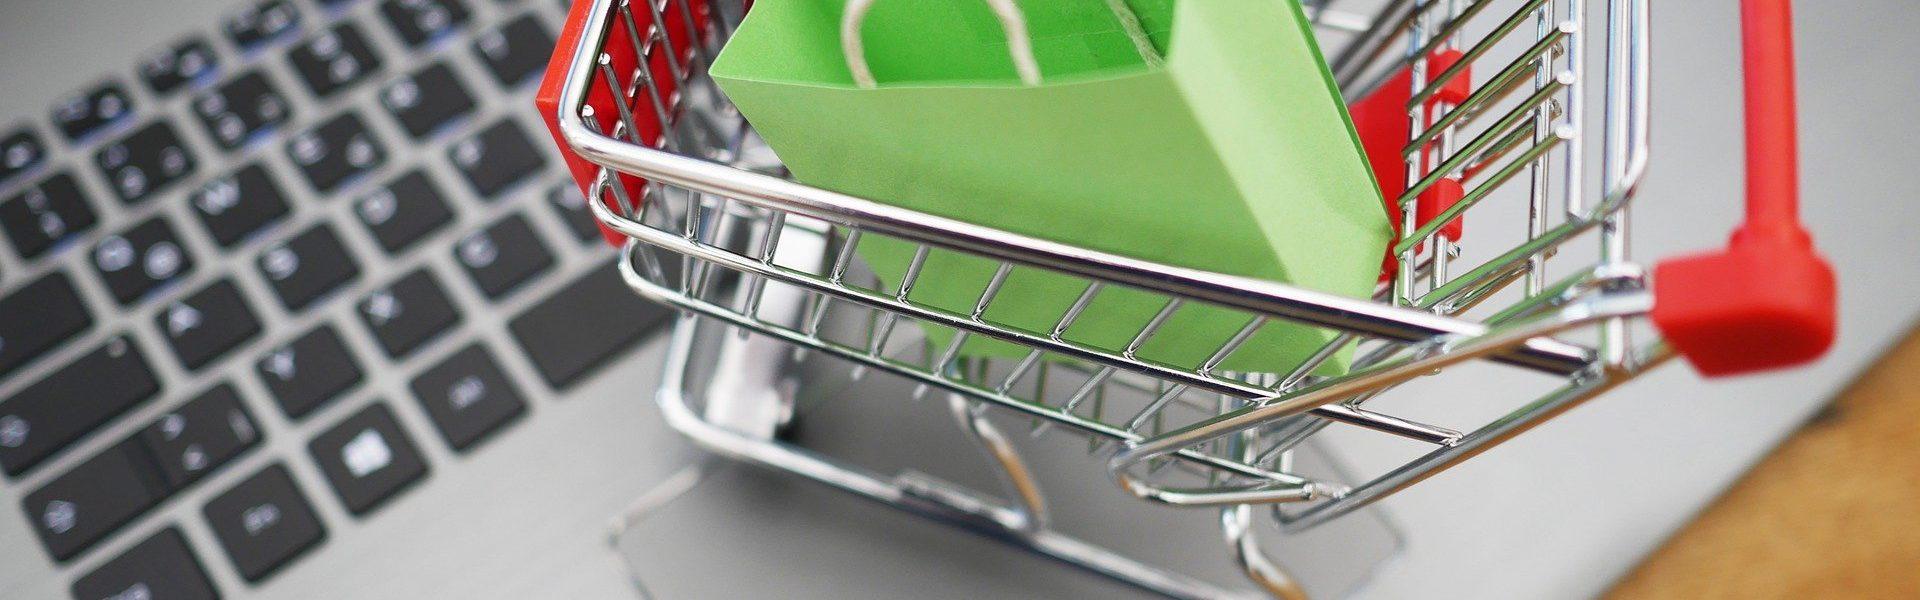 Header Bild Digitales Schaufenster sammelt lokale Geschäfte mit Online-Shop